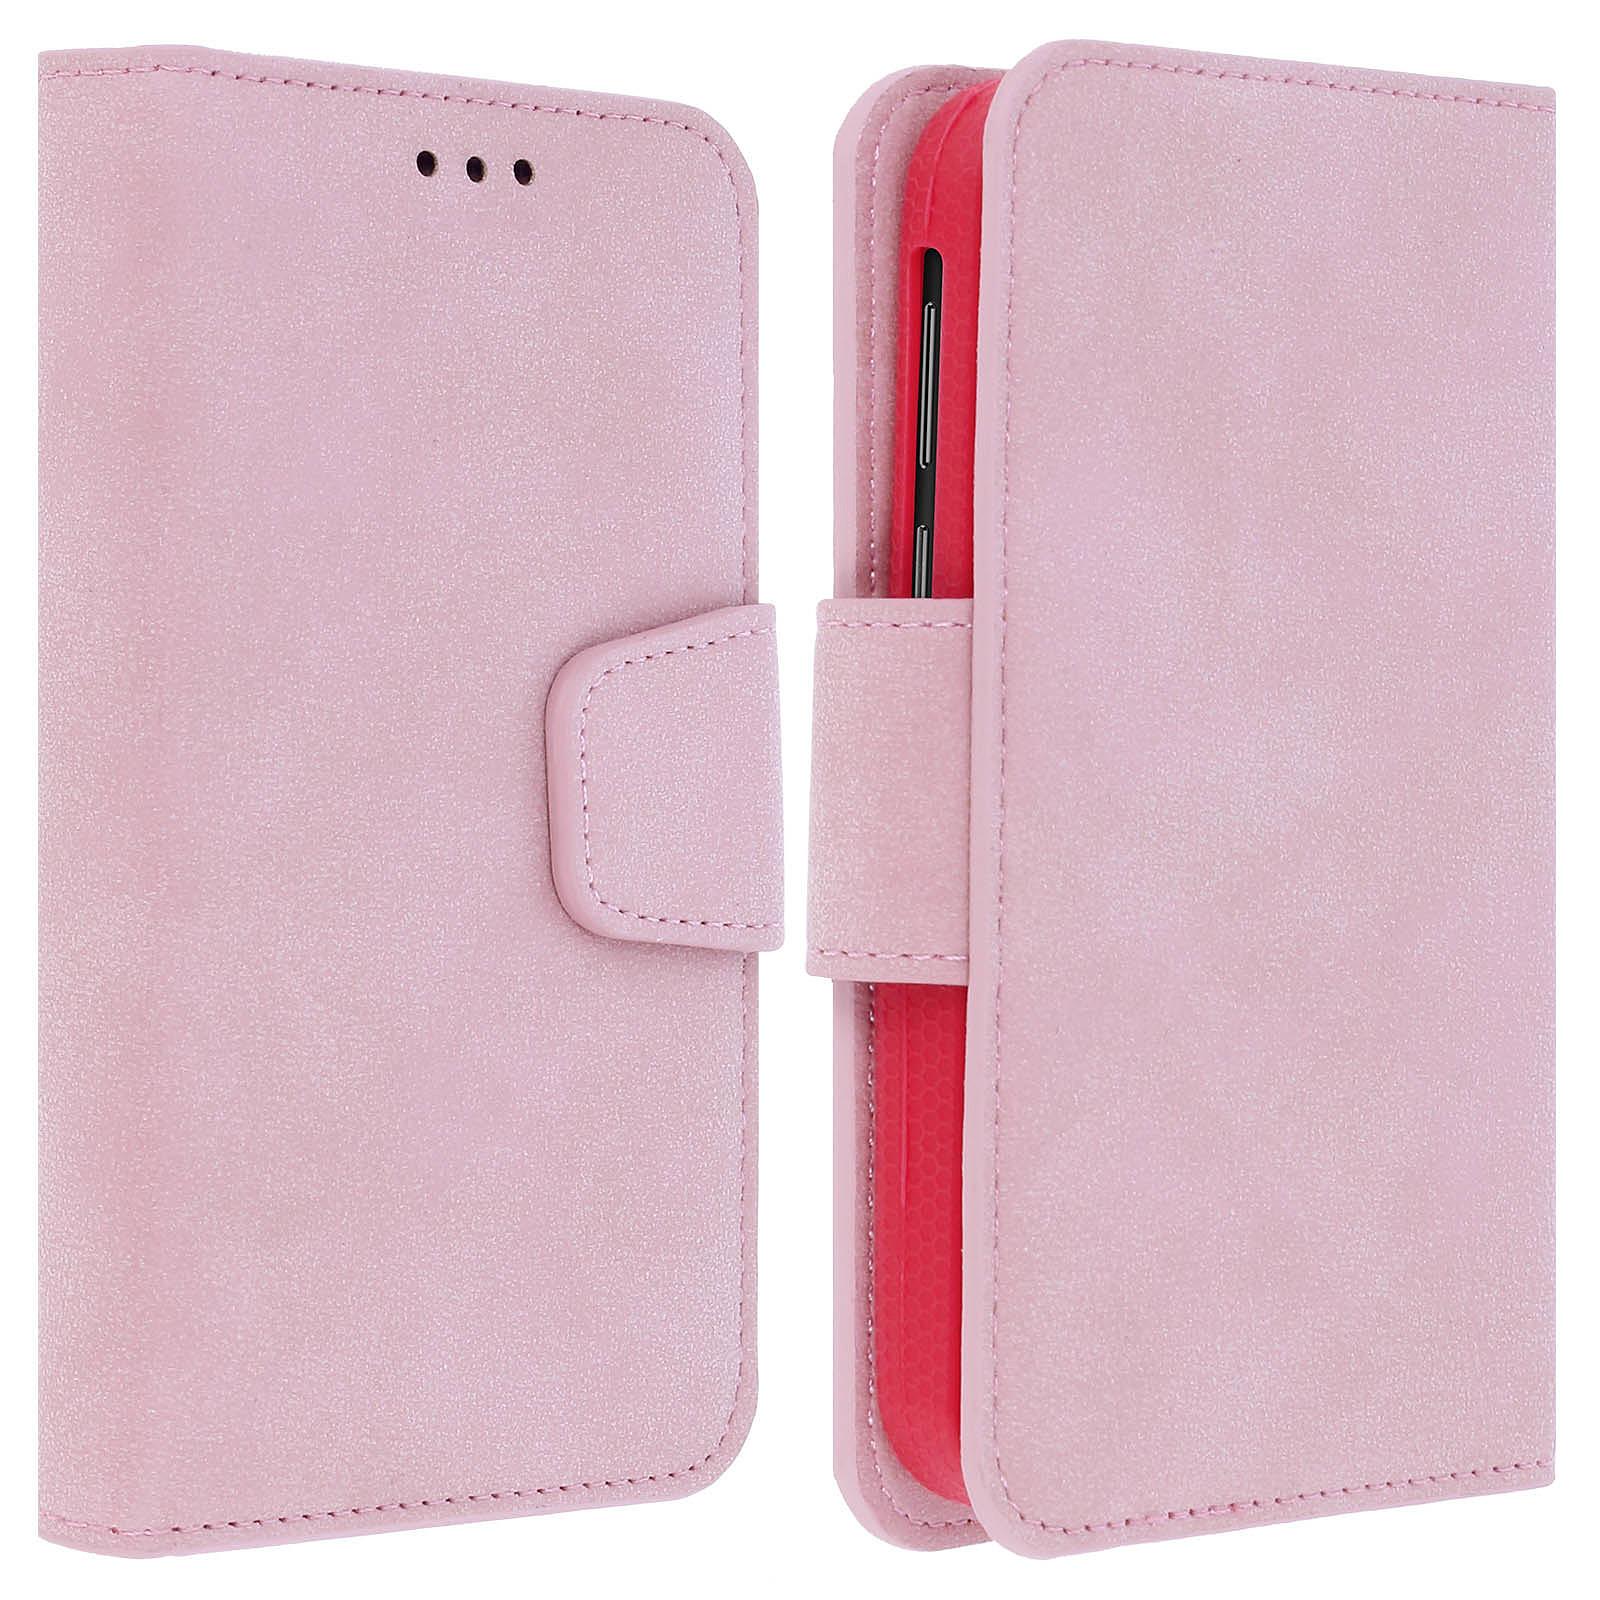 Avizar Etui folio Rose pour Tous les smartphones jusqu'à 5 pouces